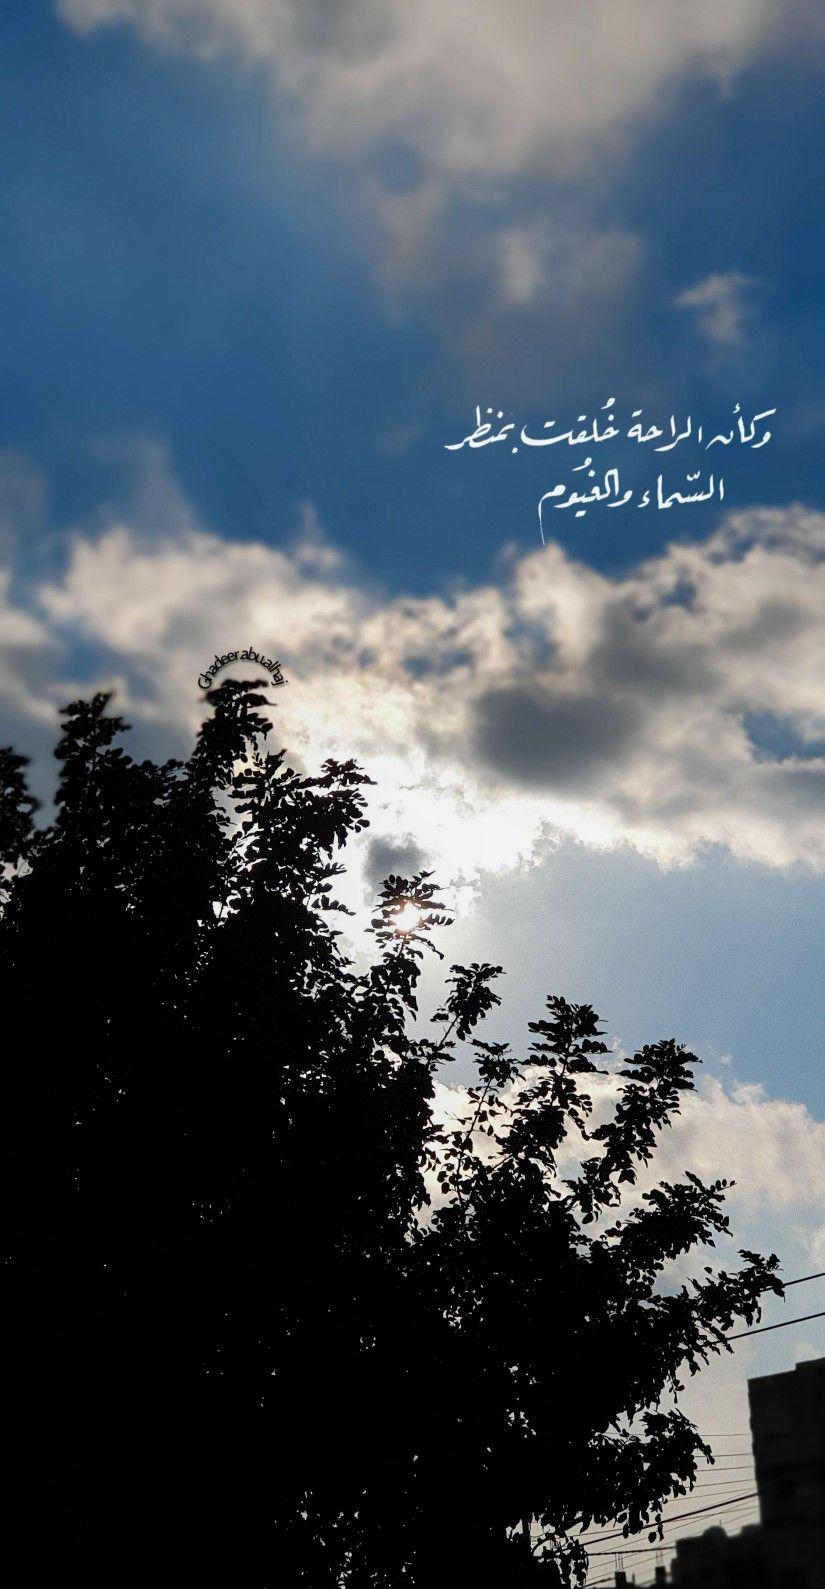 وكأن الراحة خلقت بمنظر السماء والغيوم Quotes About Photography Cover Photo Quotes Instagram